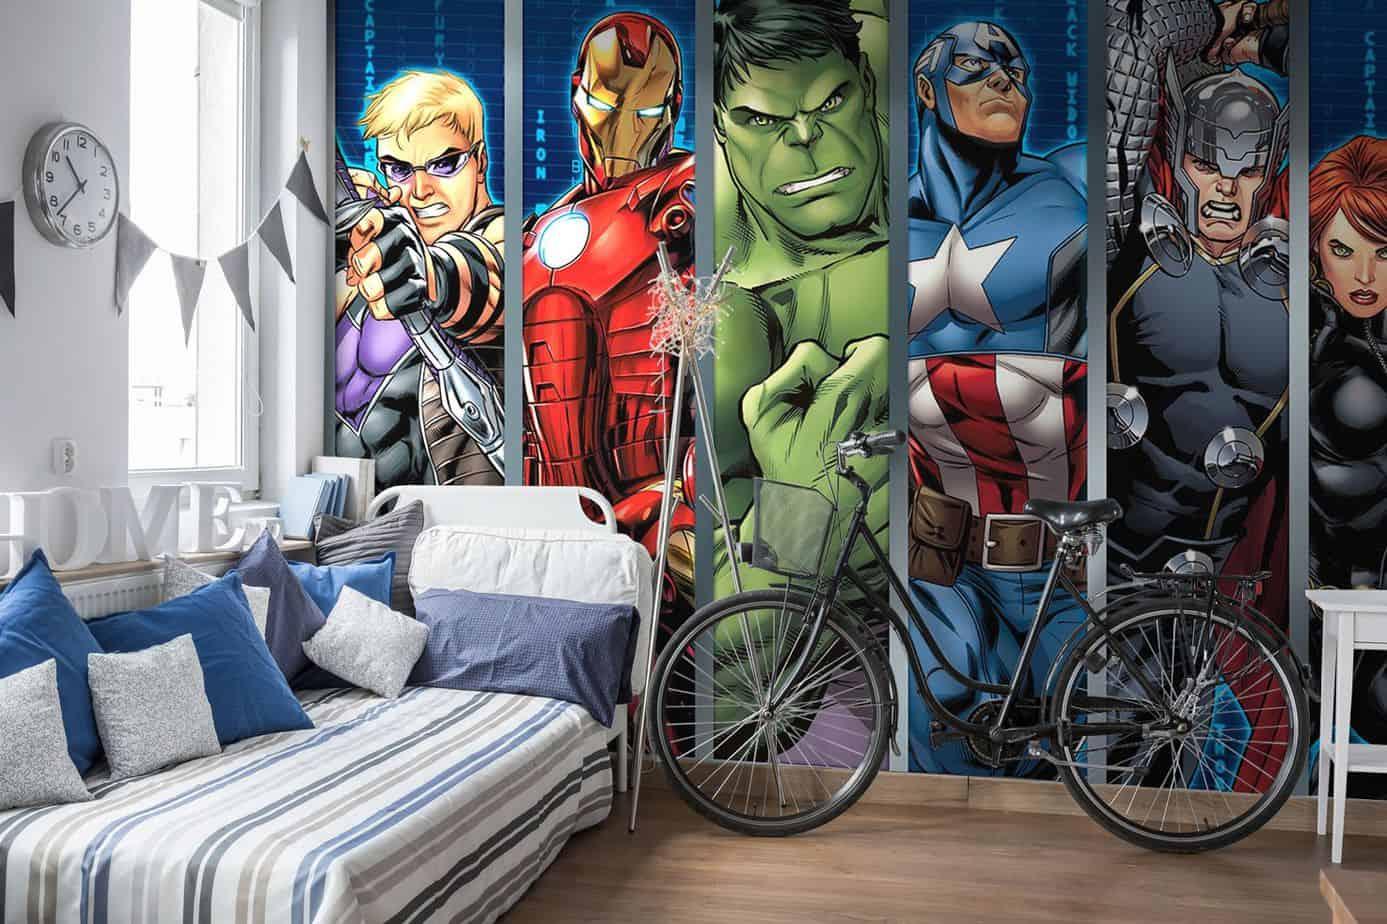 boys room ideas 2021 avengers inspired wallpaper